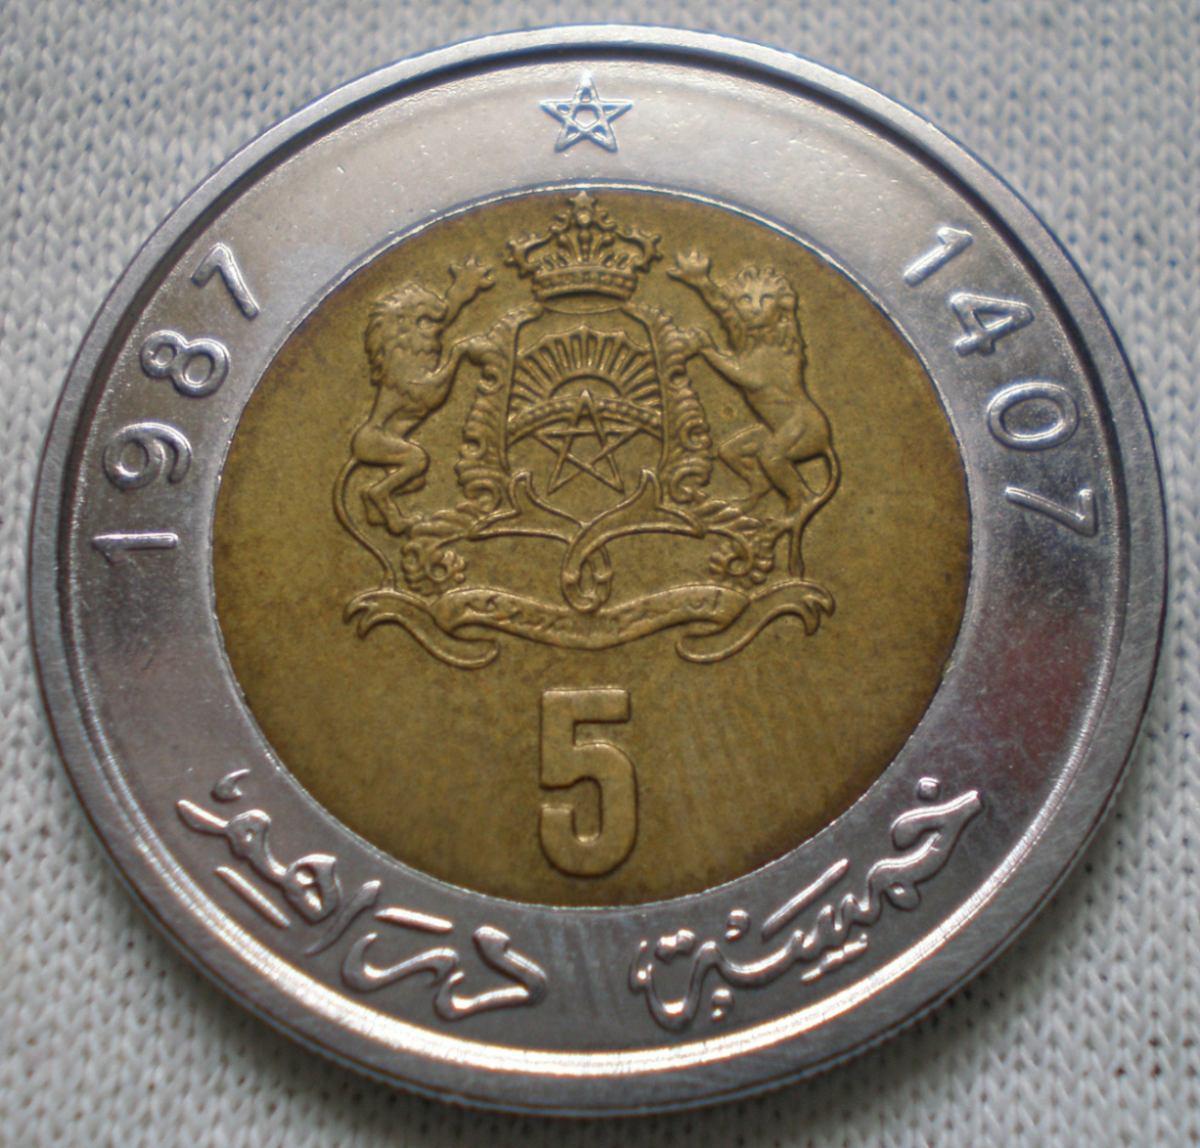 marruecos 5 dirham 1987 moneda bimet lica rey hassan il y 82 280 00 en mercado libre. Black Bedroom Furniture Sets. Home Design Ideas